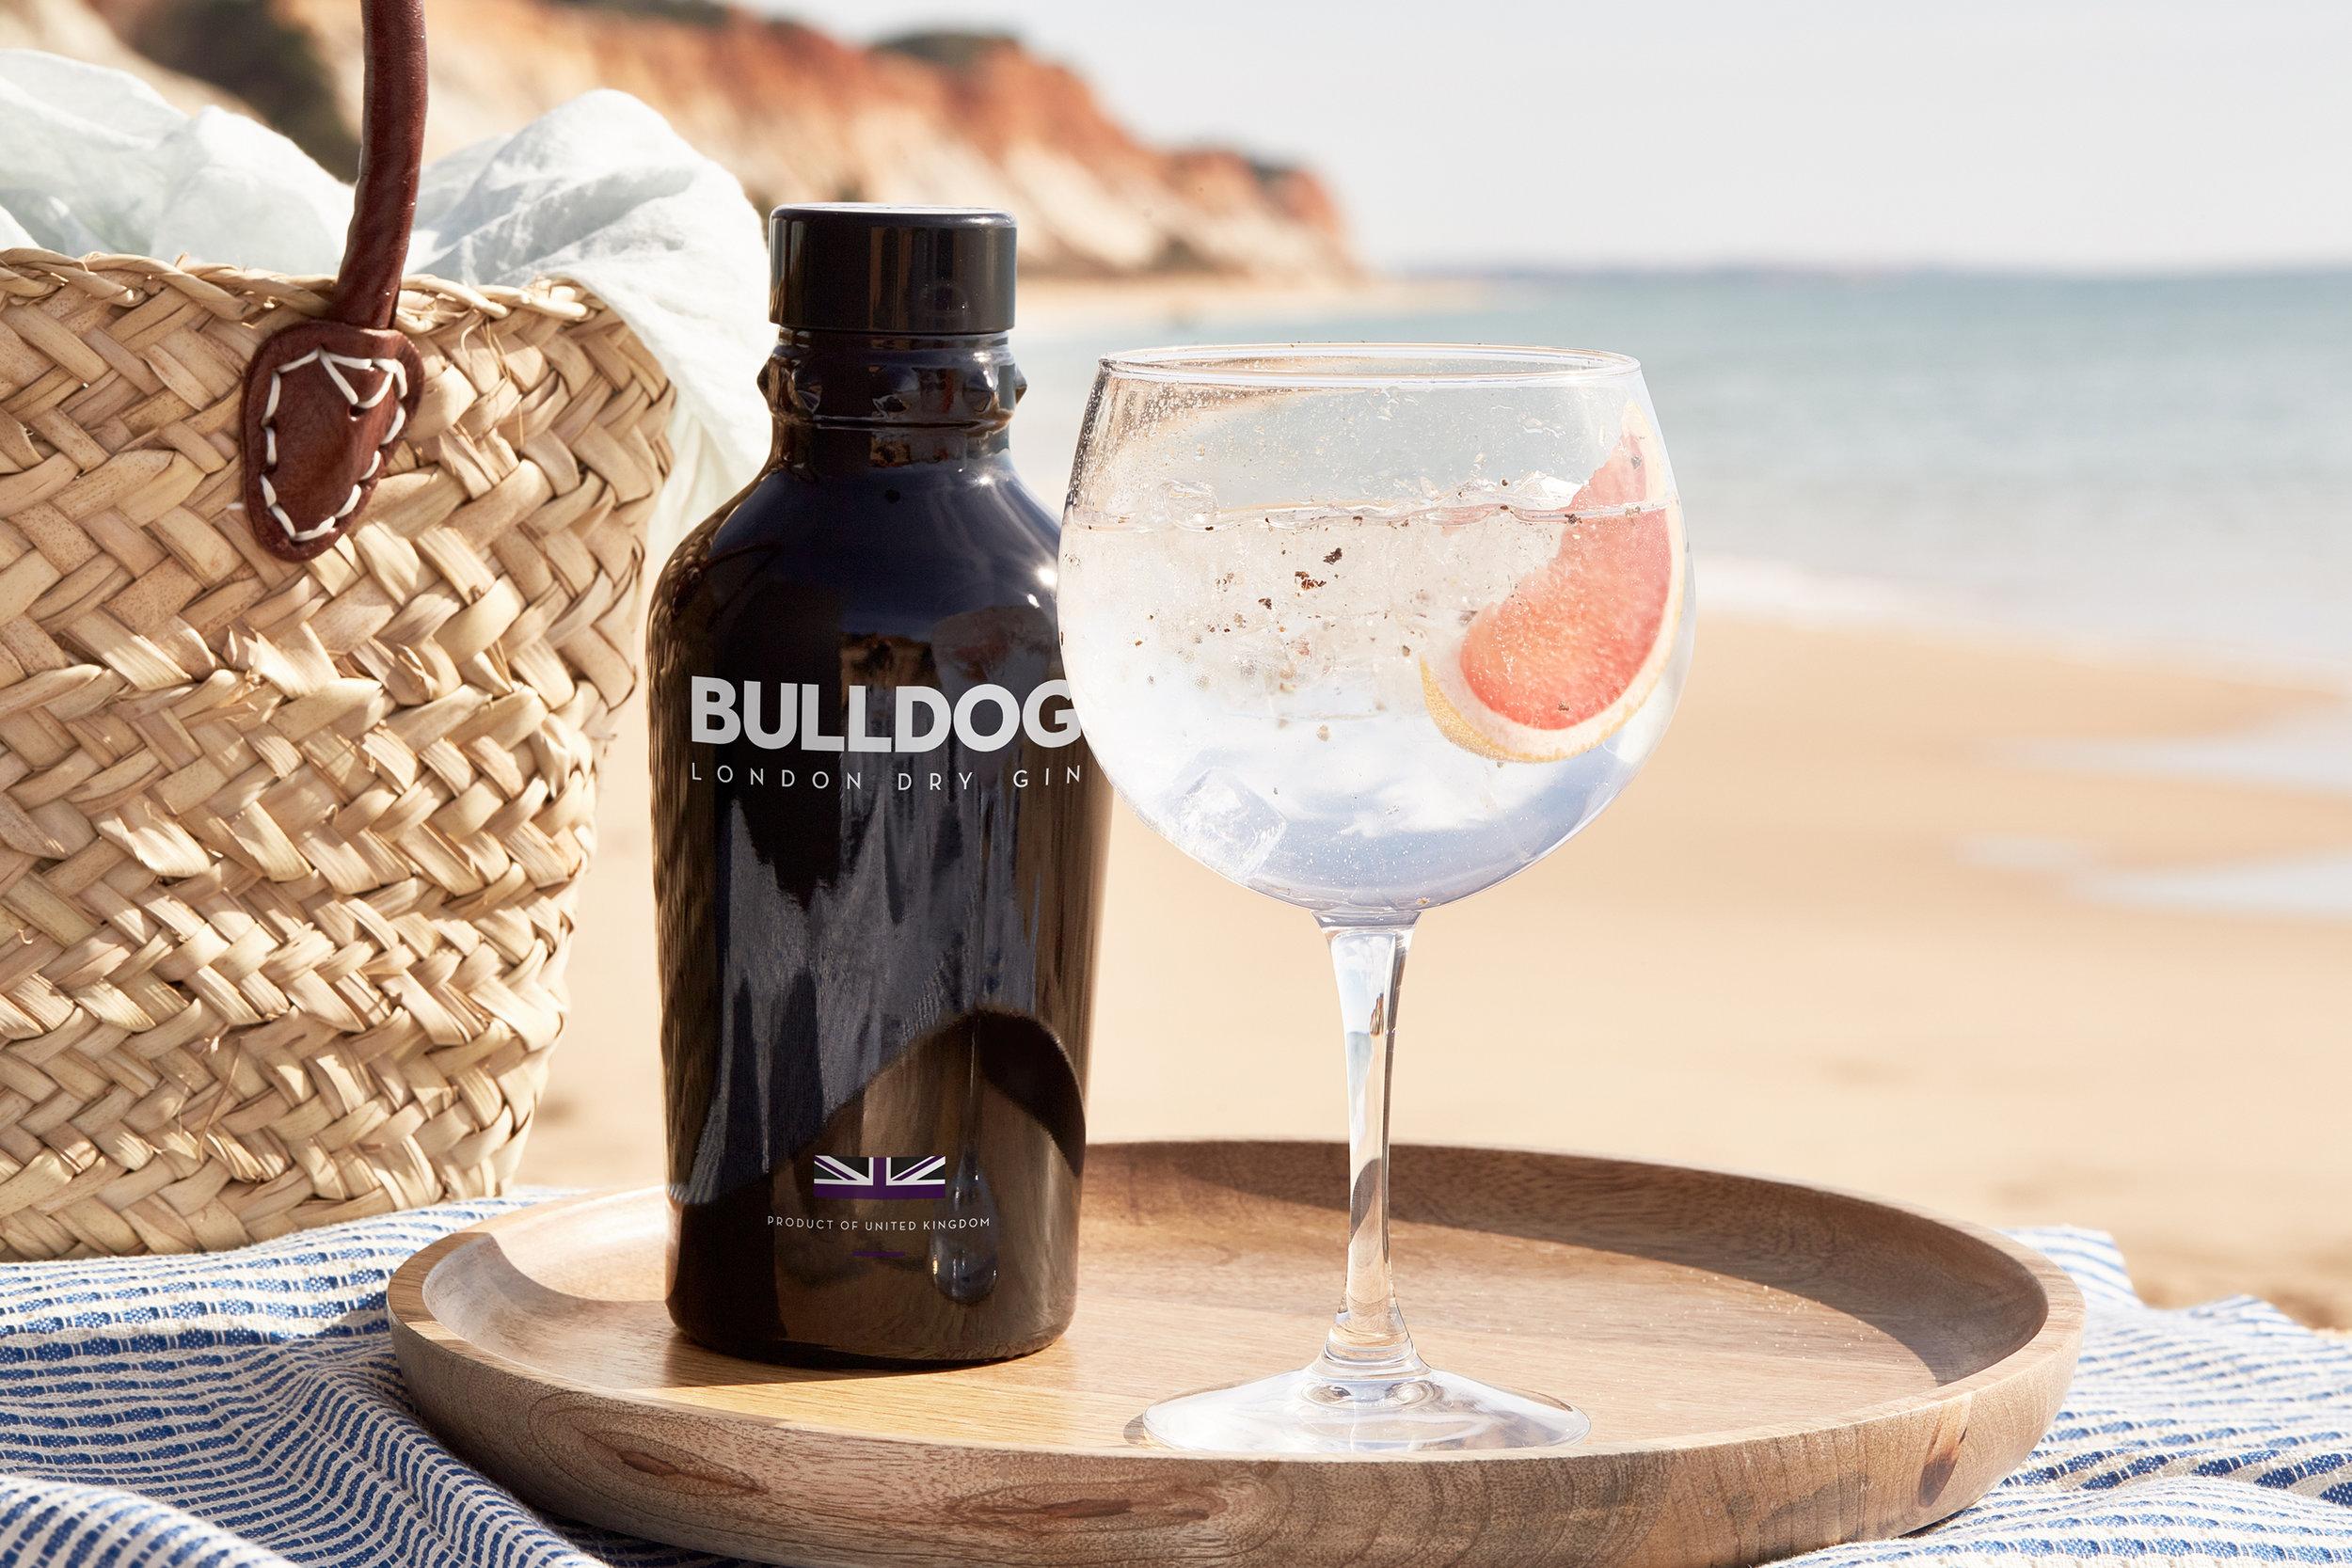 Bulldog Gin_Beach_0457.jpg